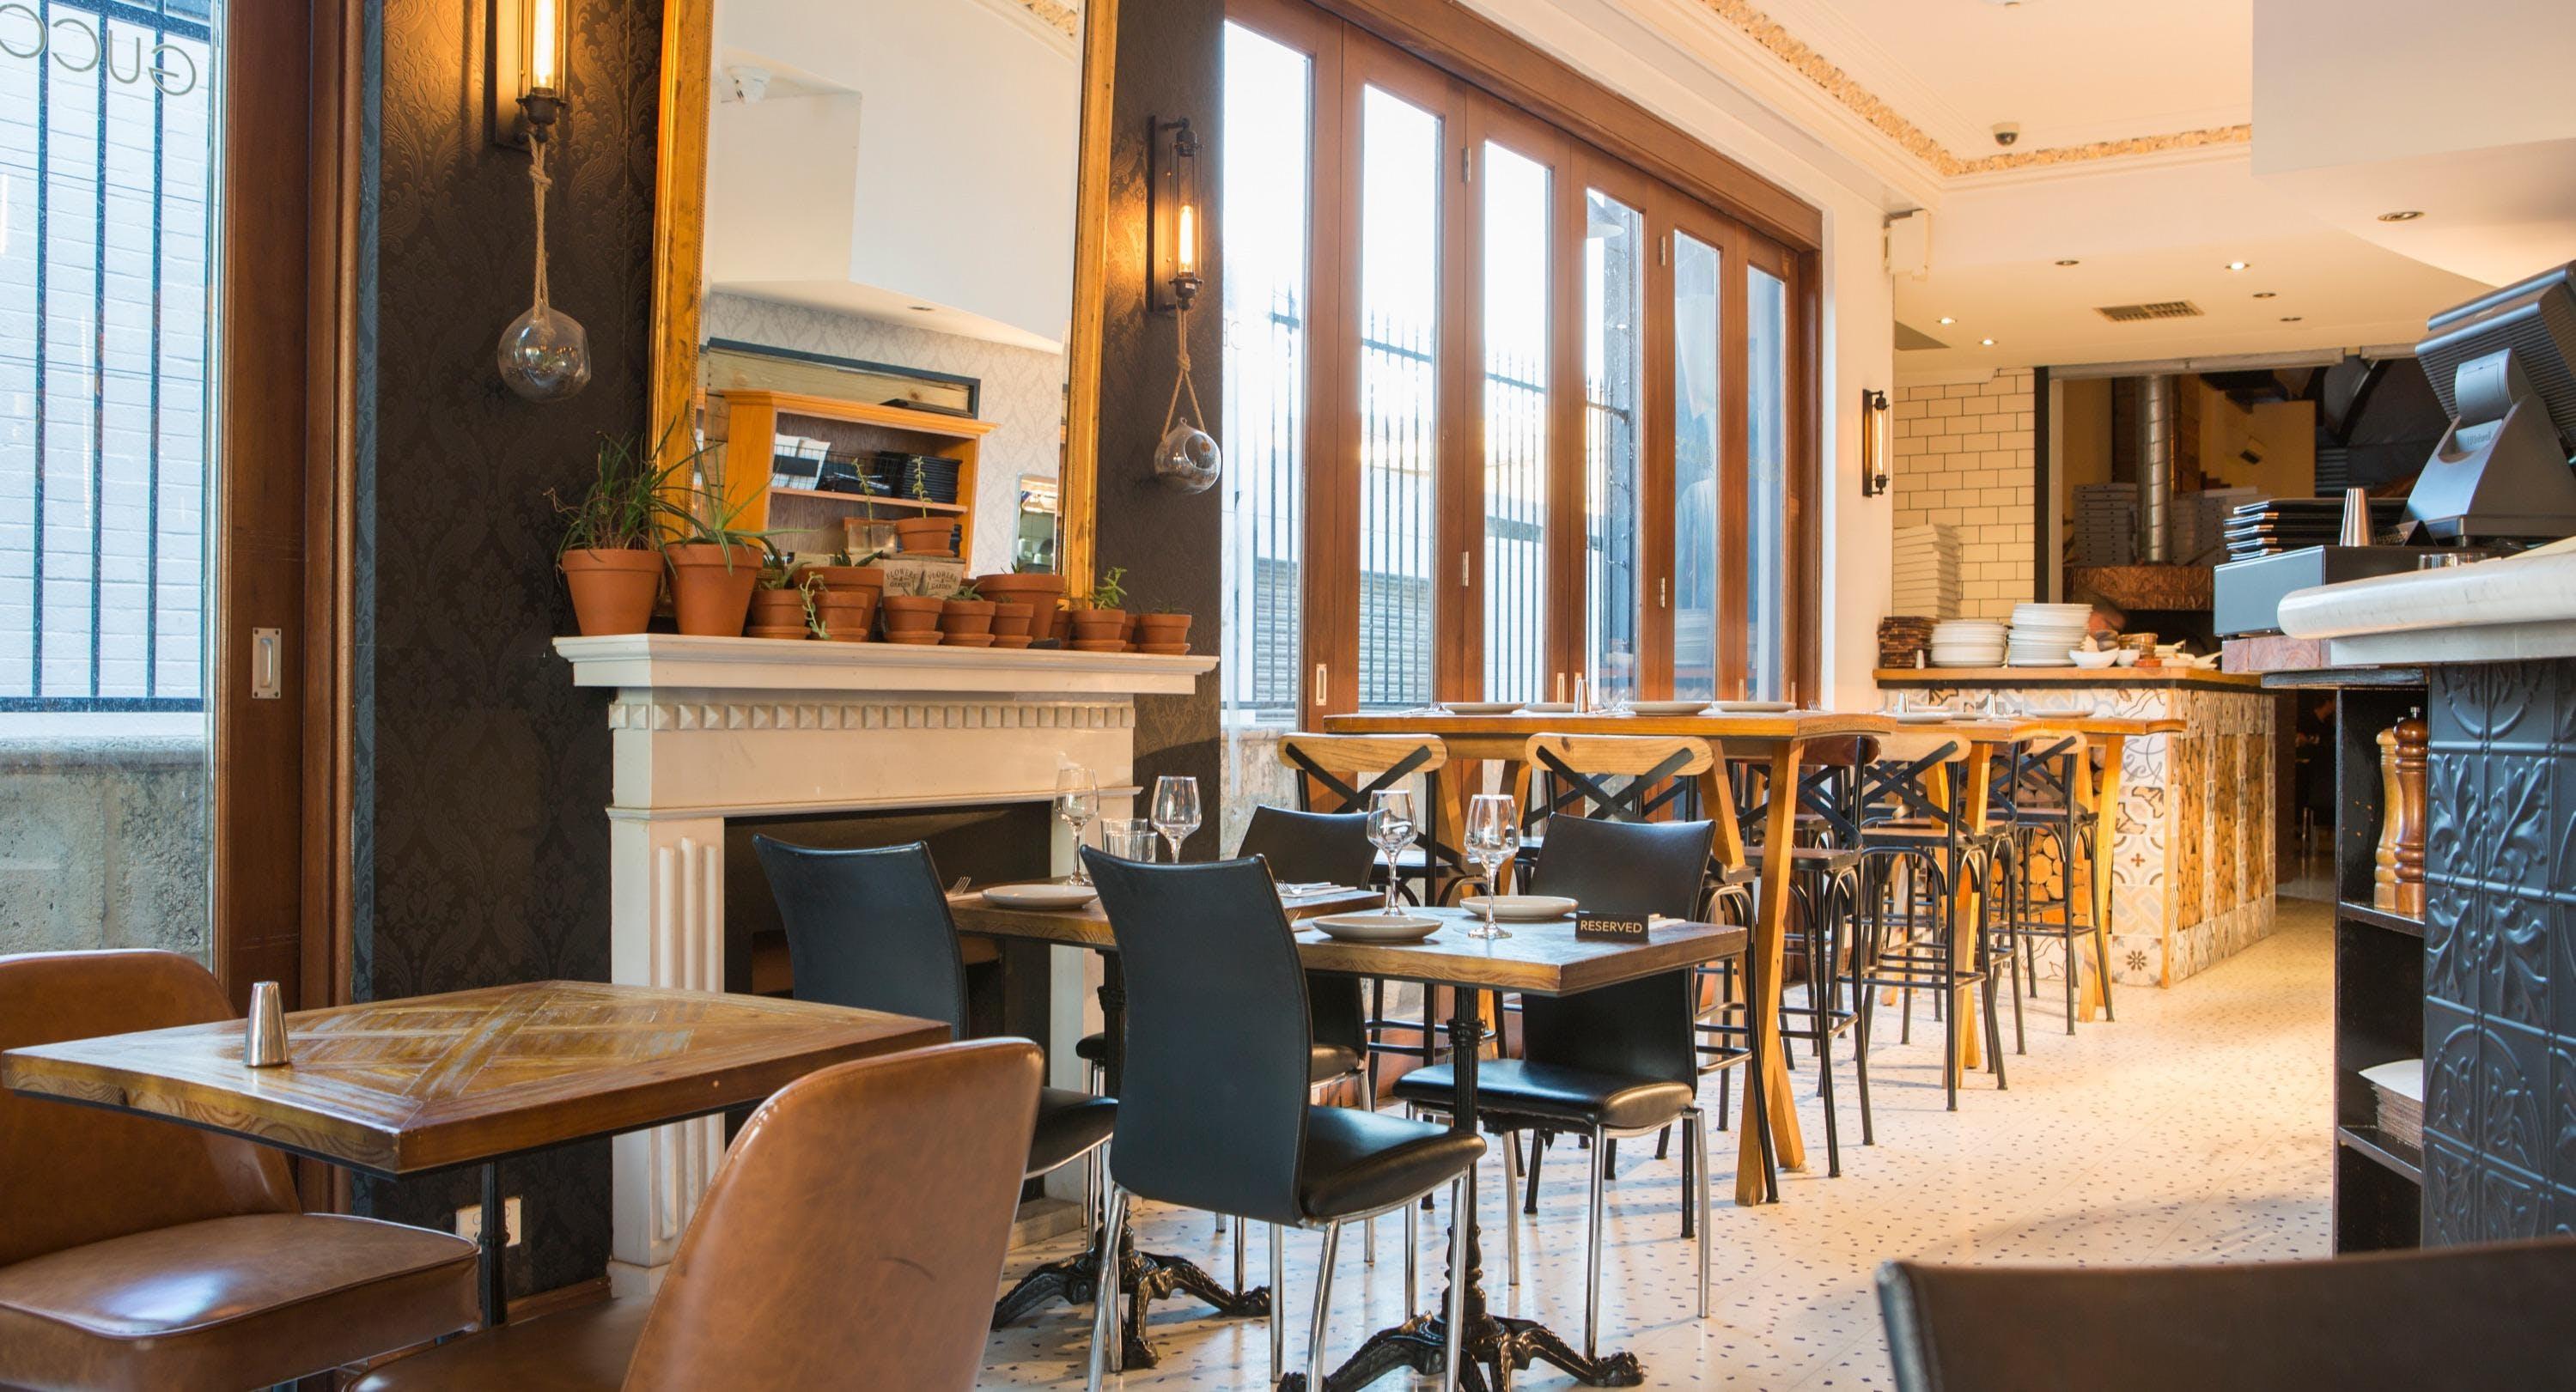 Gucce Pizzeria e Cucina Italiana Perth image 2